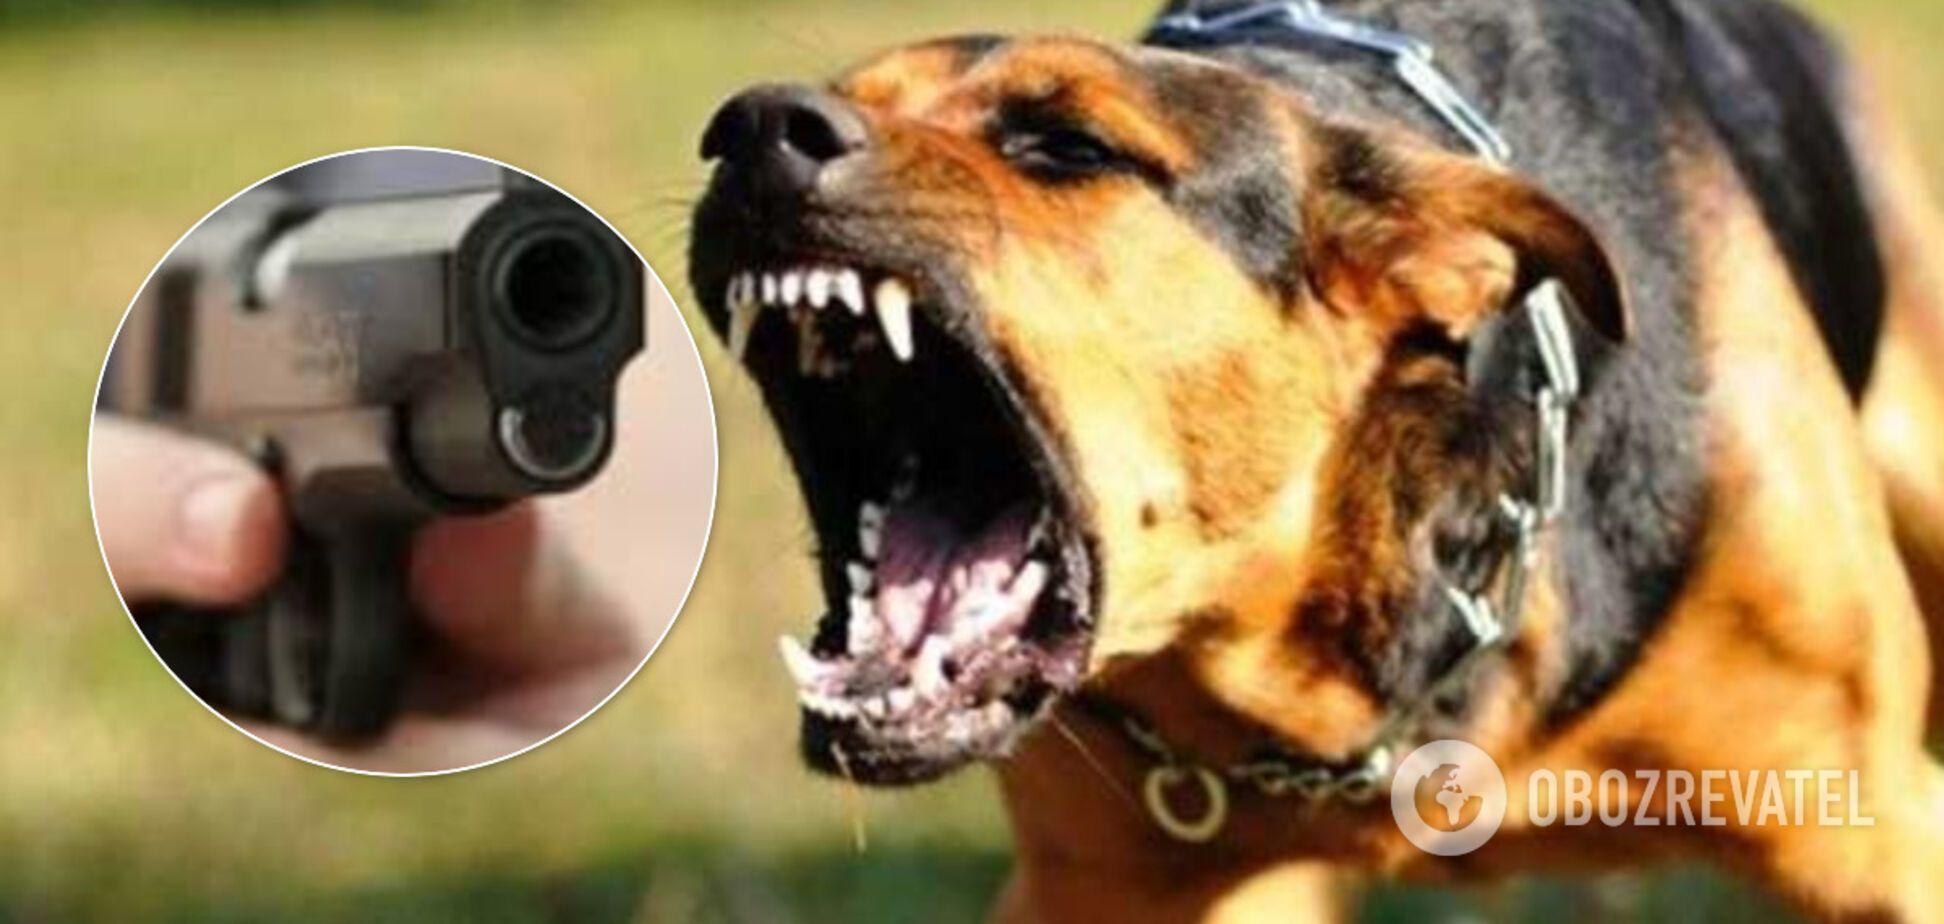 В Одесі поліцейські стріляли в собаку біля дитячого майданчика. Відео 18+